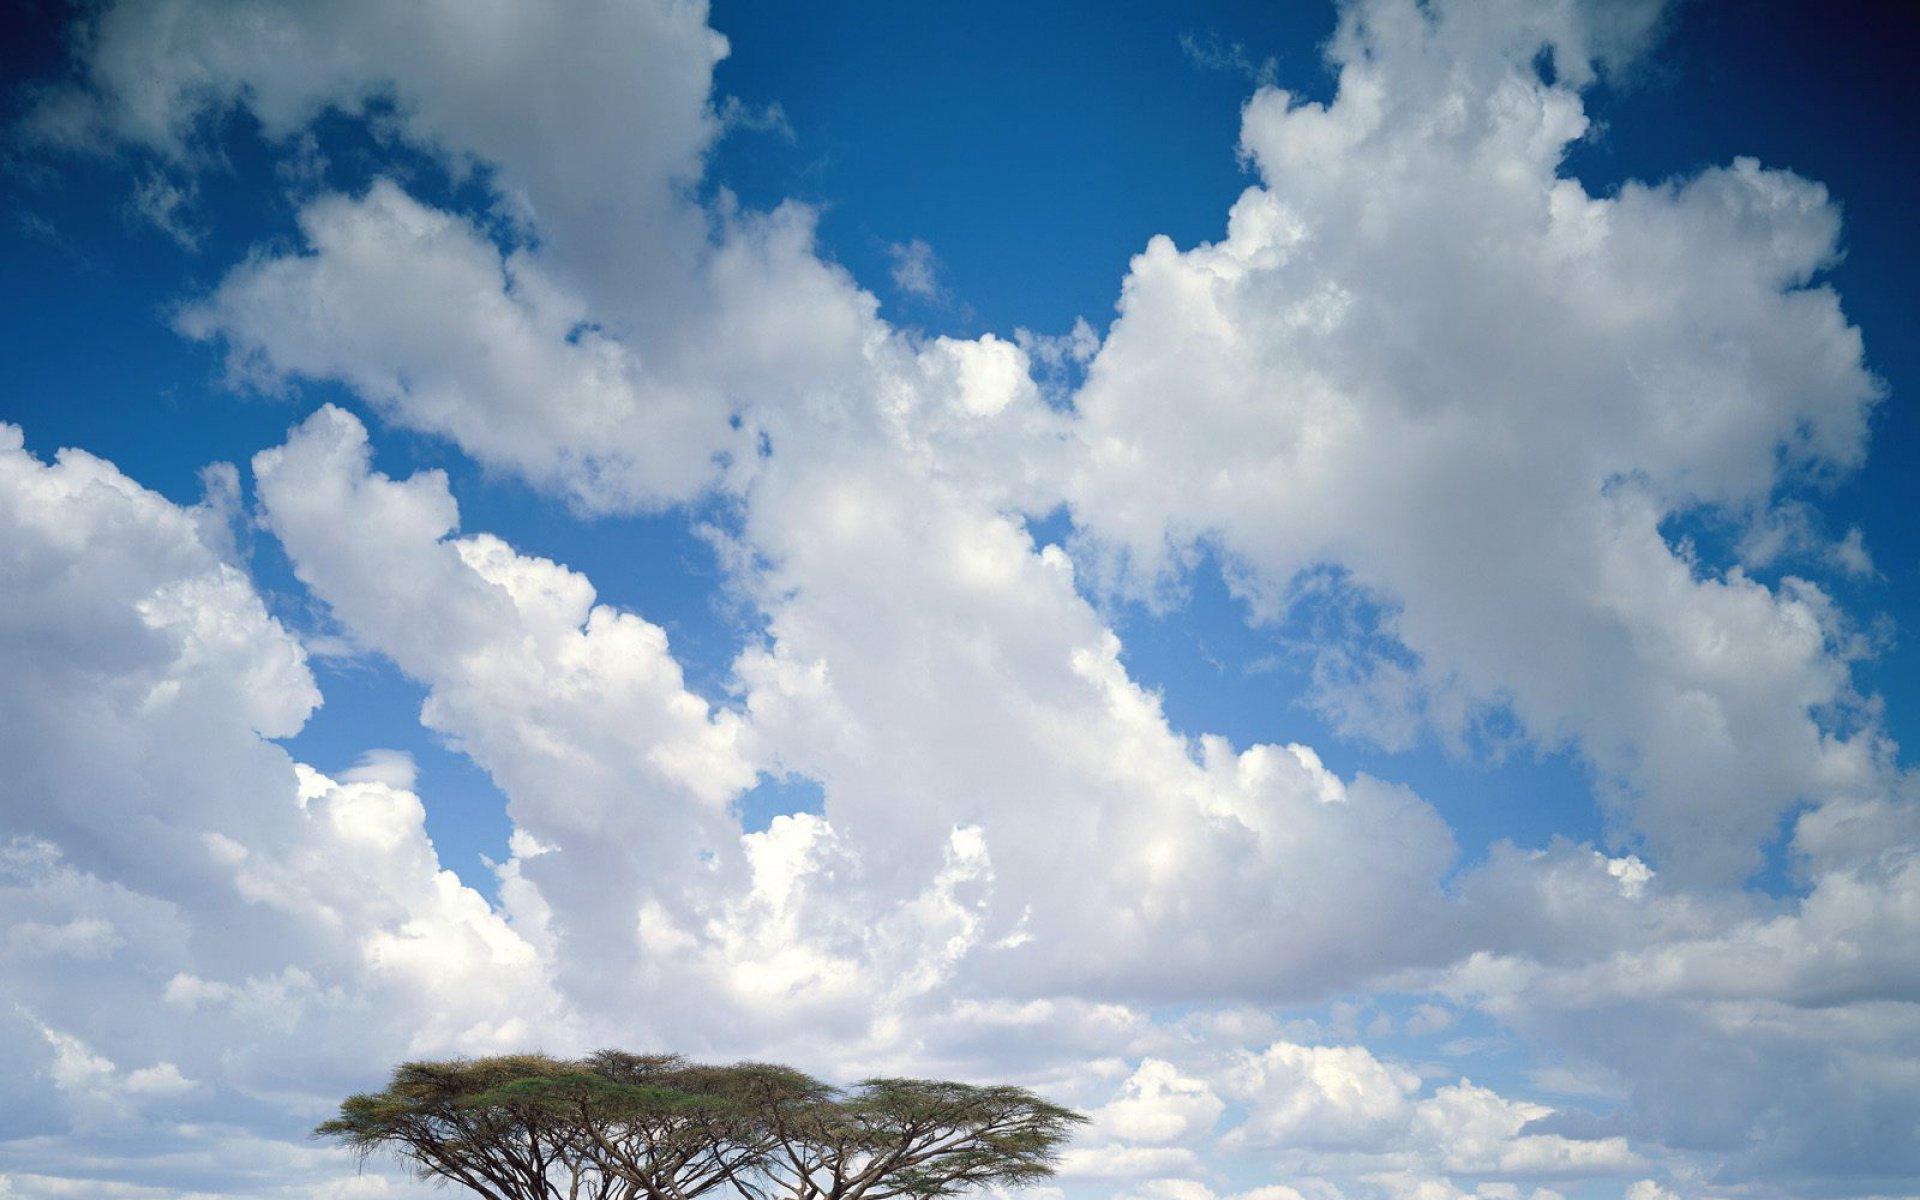 . 蓝天白云 2 壁纸